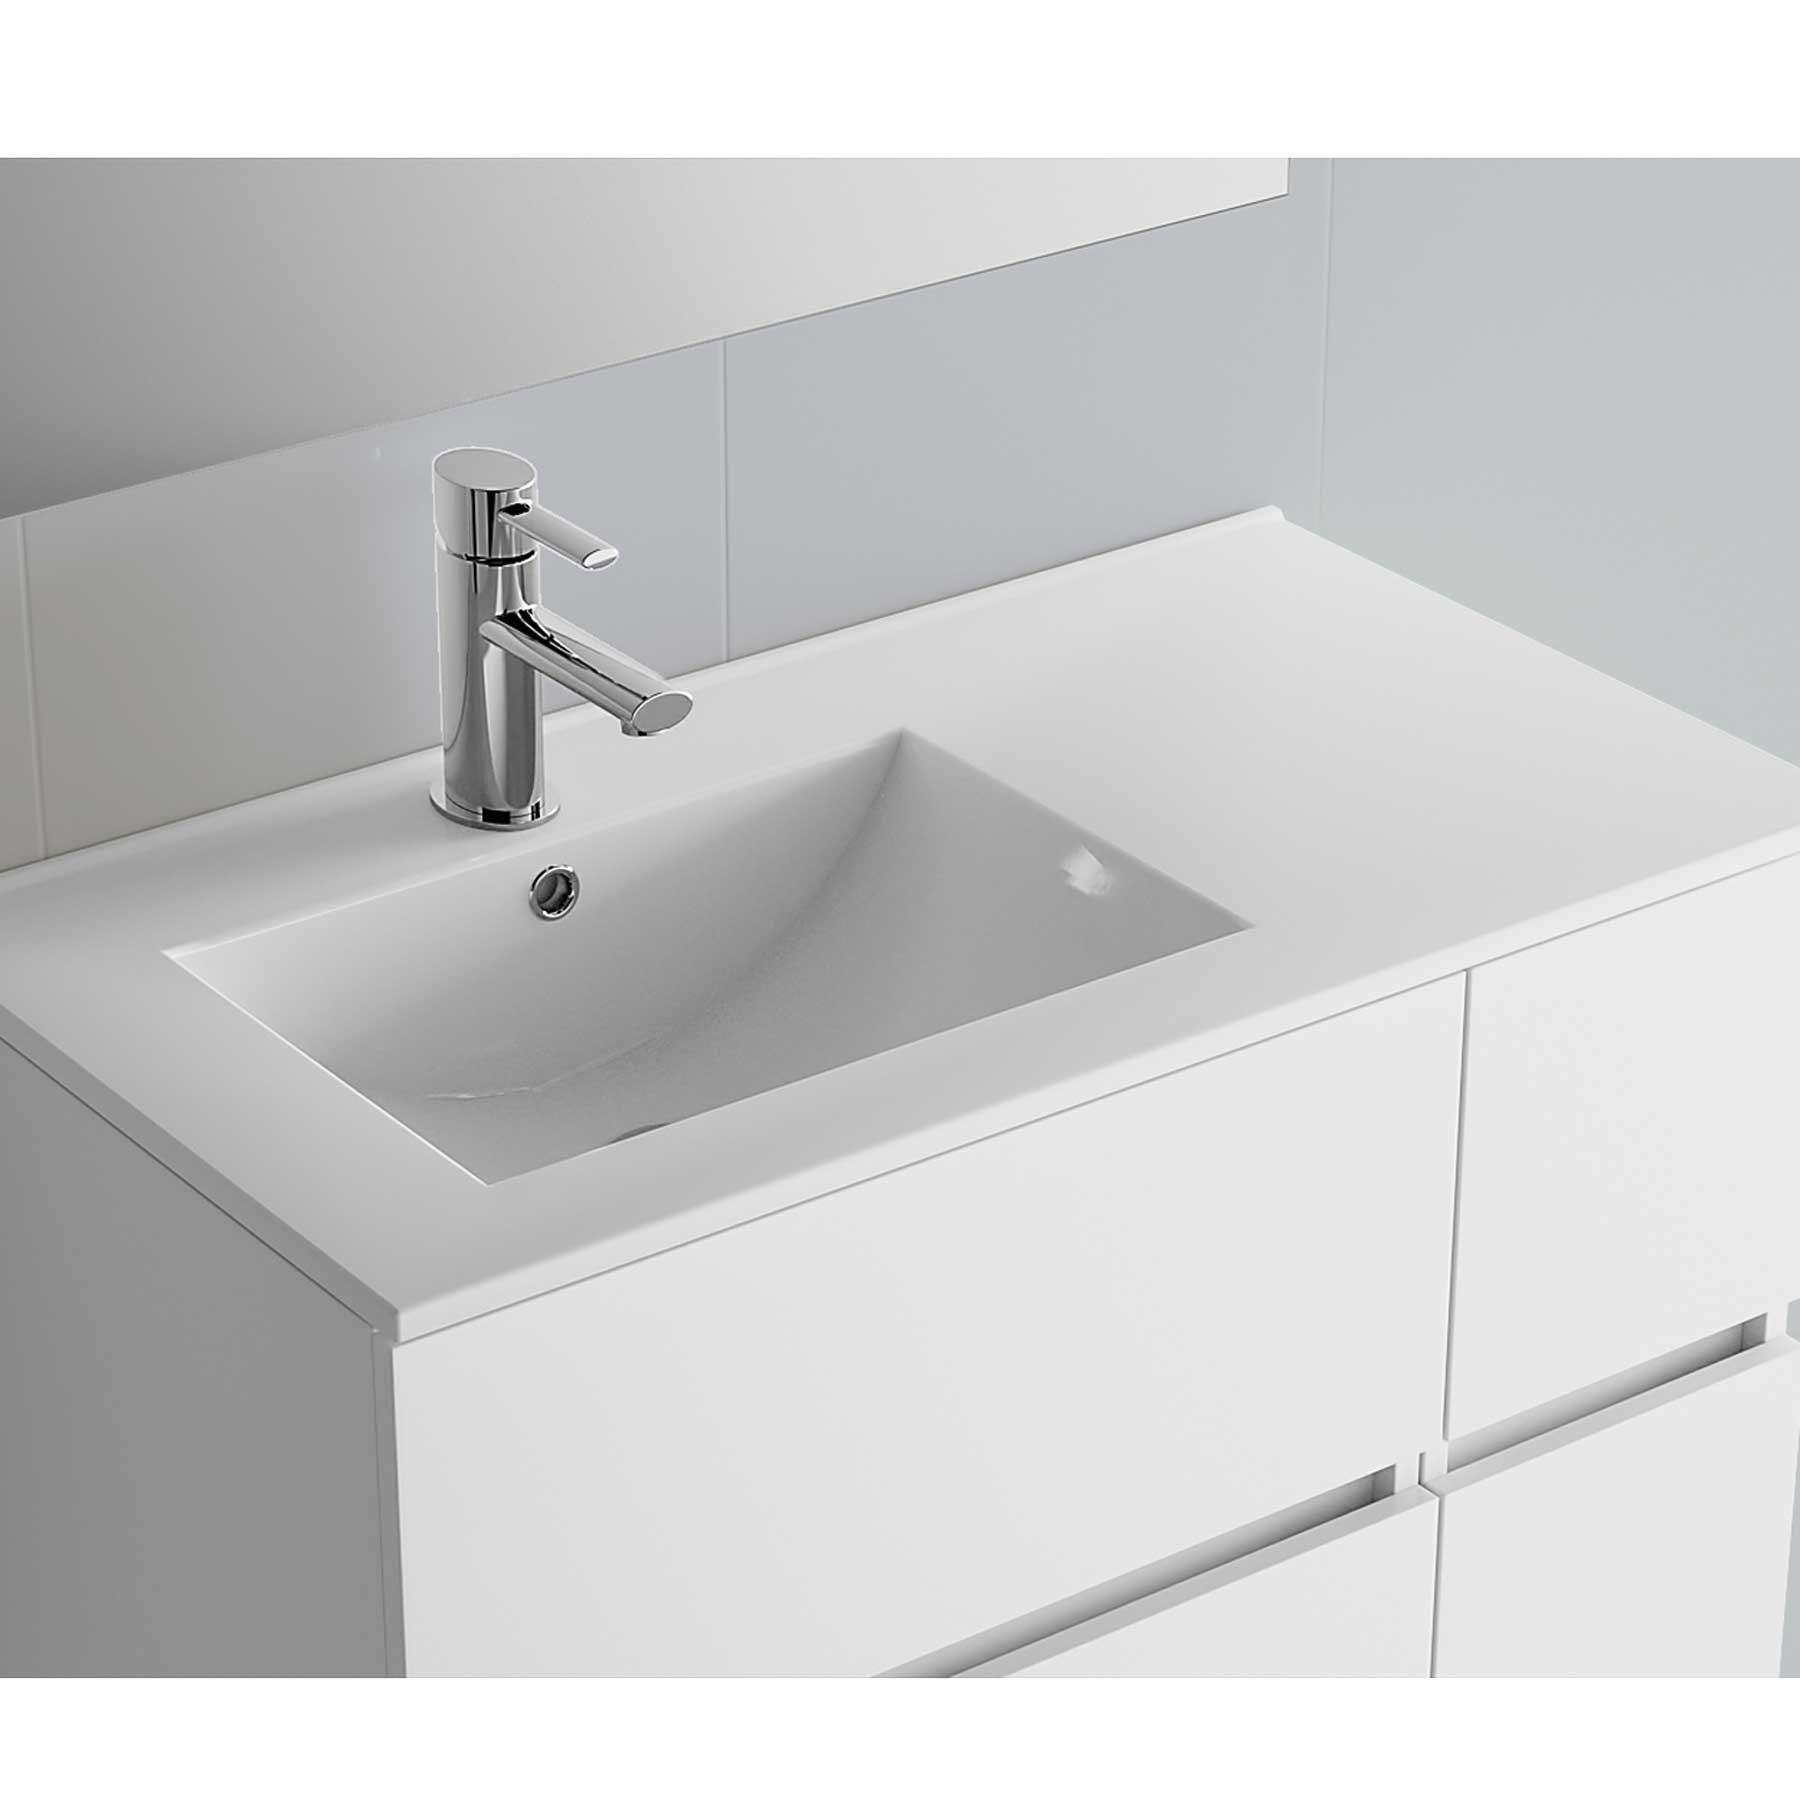 Vasque Iberia 855 Coquette À Droite En Porcelaine Blanche 855 X 20 X 460 Mm dedans Toilette Lavabo Intégré Canada